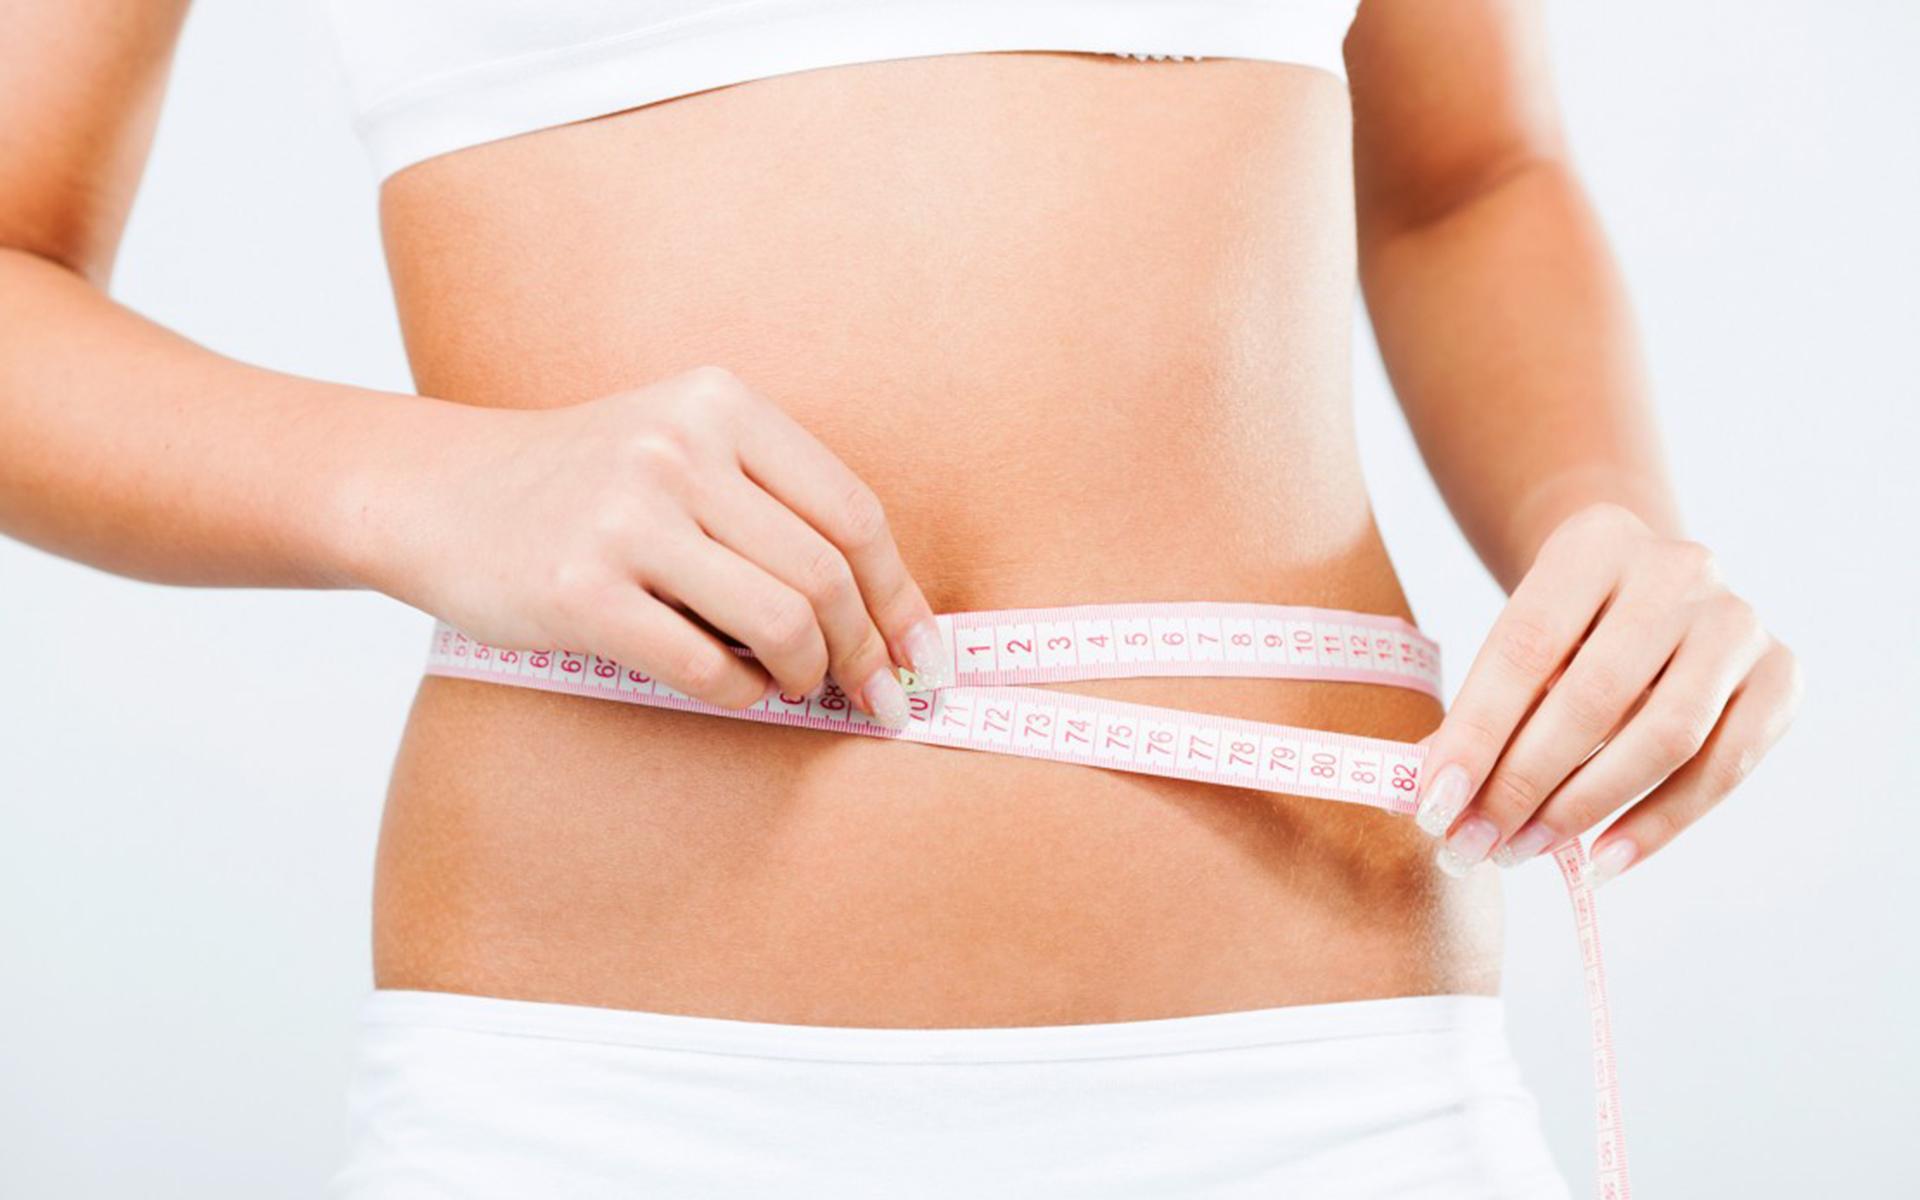 scădere în greutate prin nhs vărsare de pierdere în greutate băutură